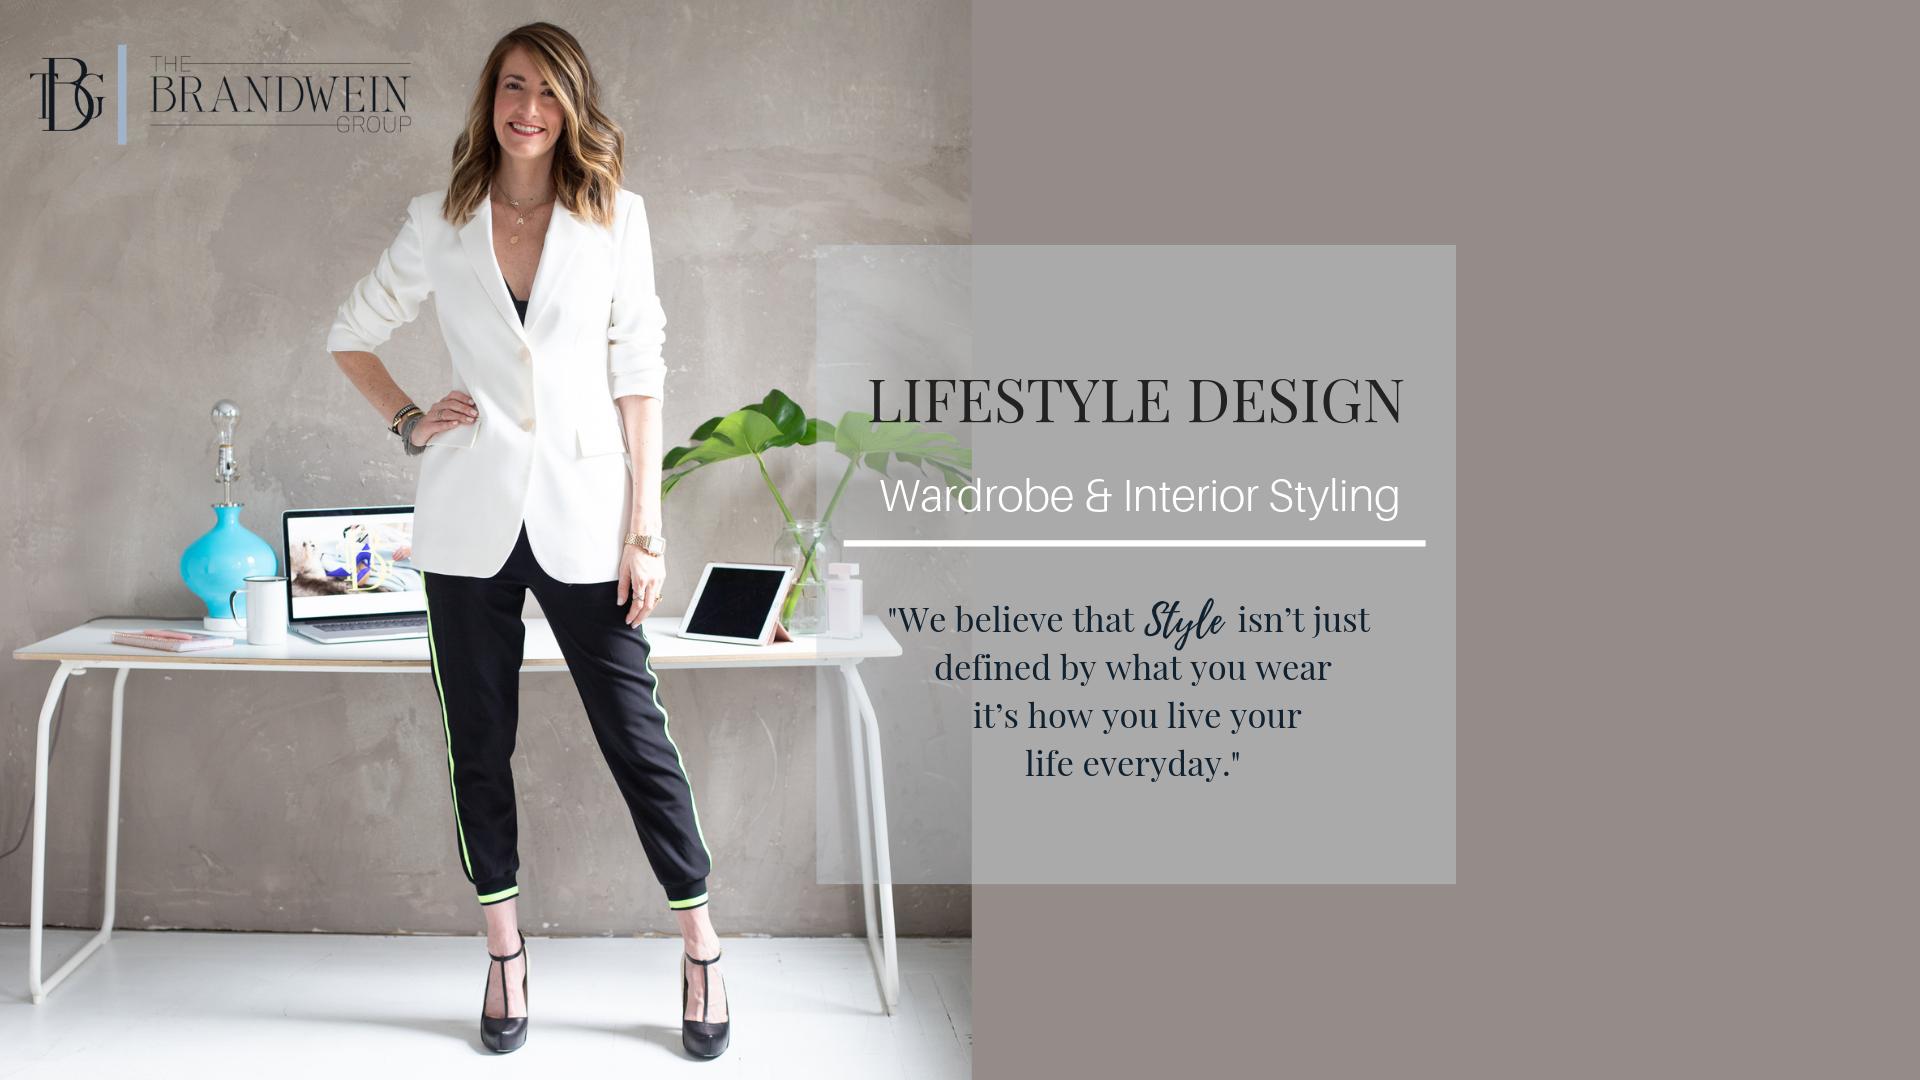 Allie-Brandwein-TBG-NYC-Stylist-Lifestyle-Design.png